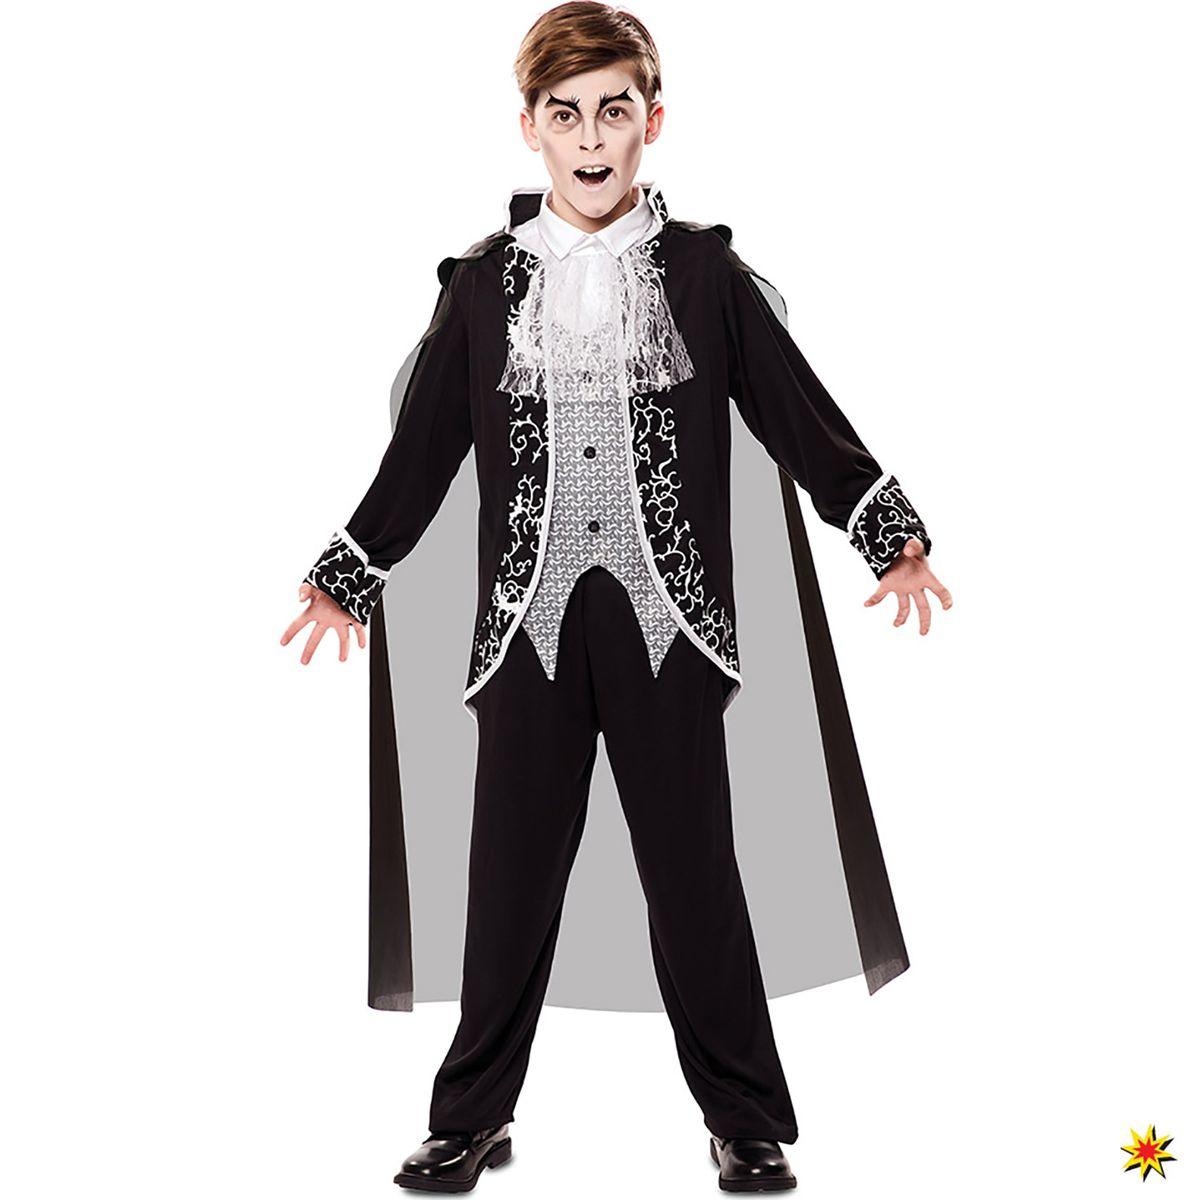 Jungen Kostum Vampir Nathan Grosse M 5 6 Jahre